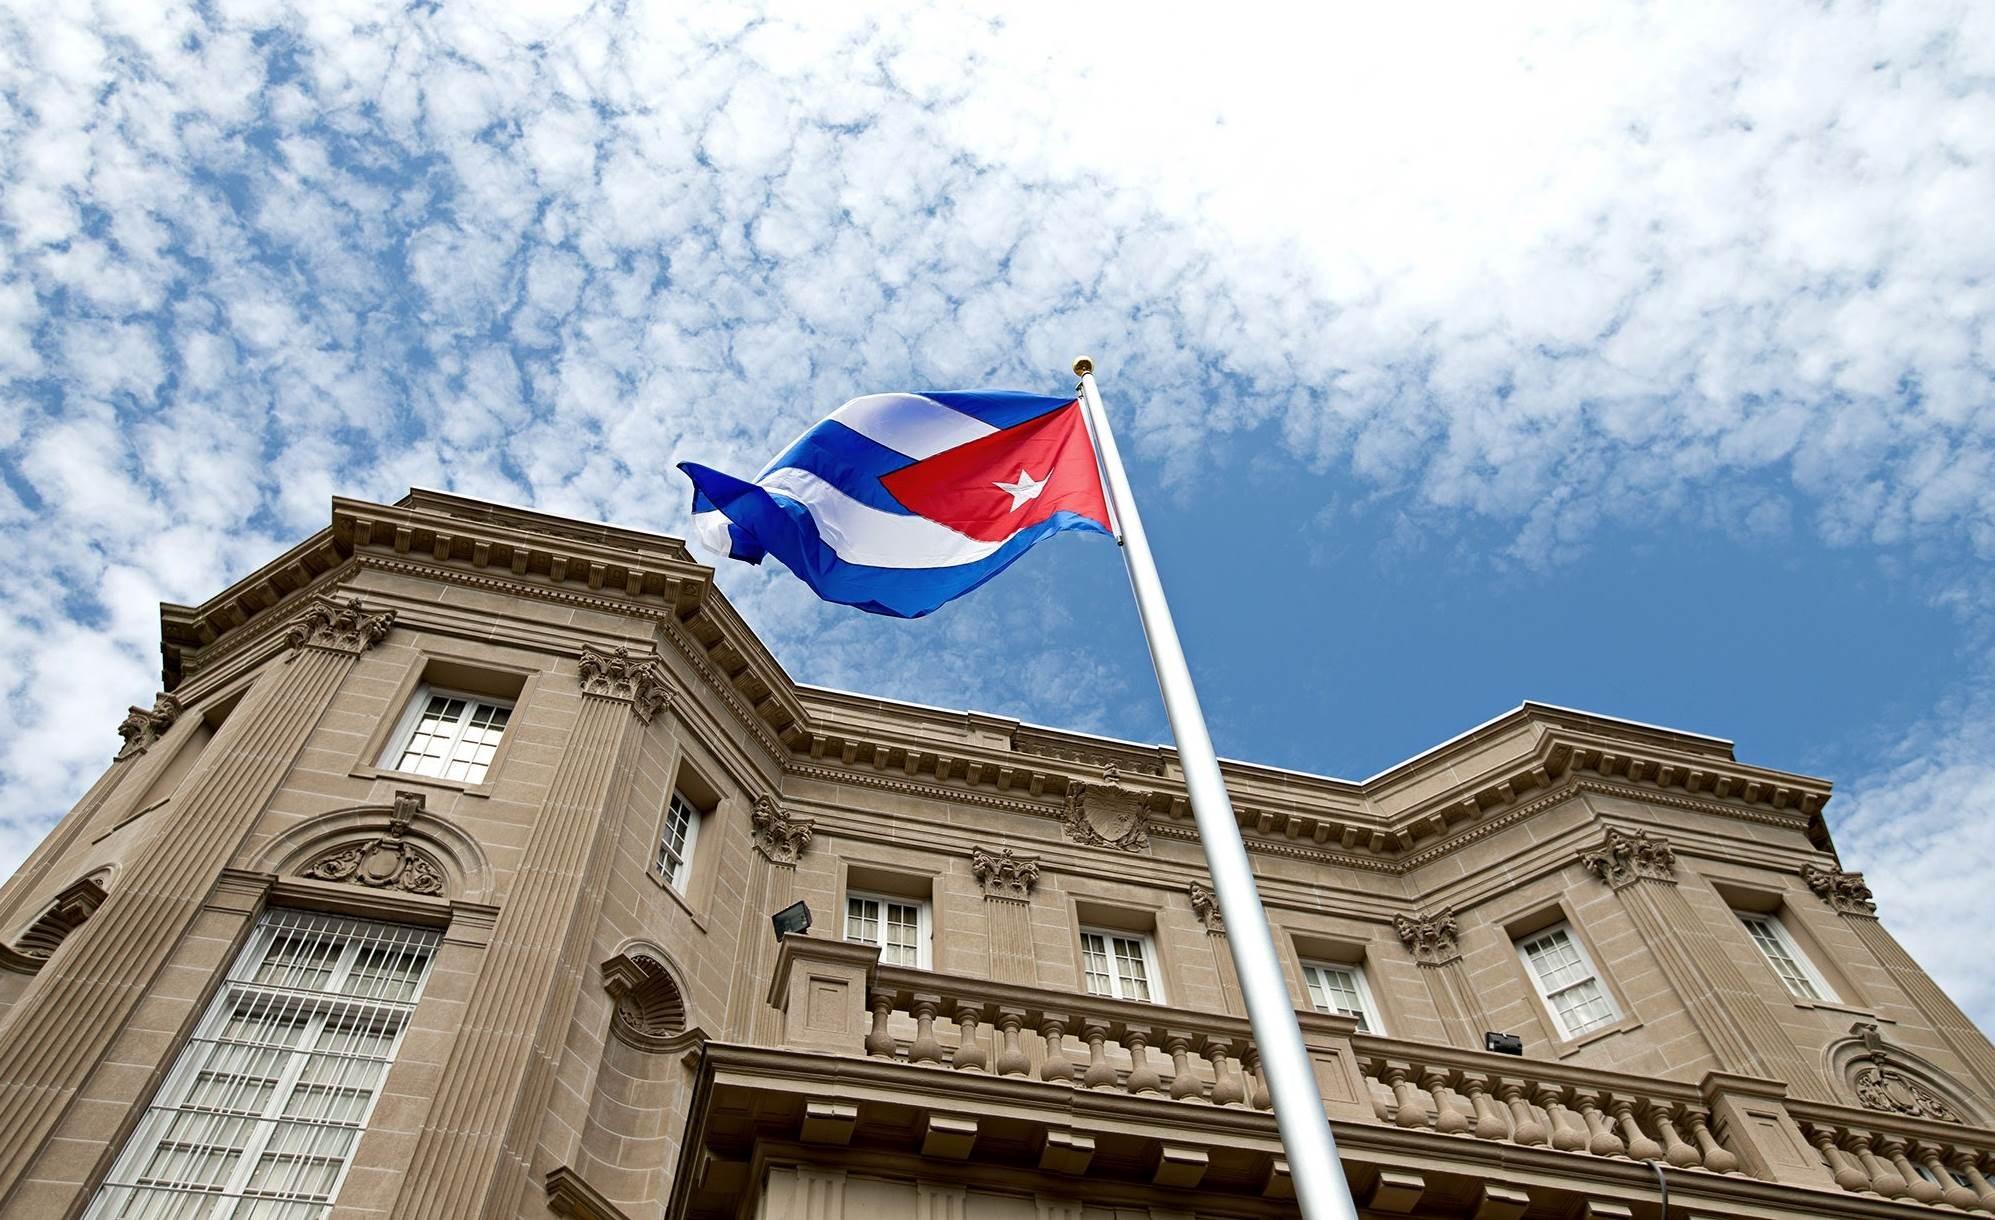 رجلٌ يطلق النار على السفارة الكوبية في واشنطن بهدف القتل